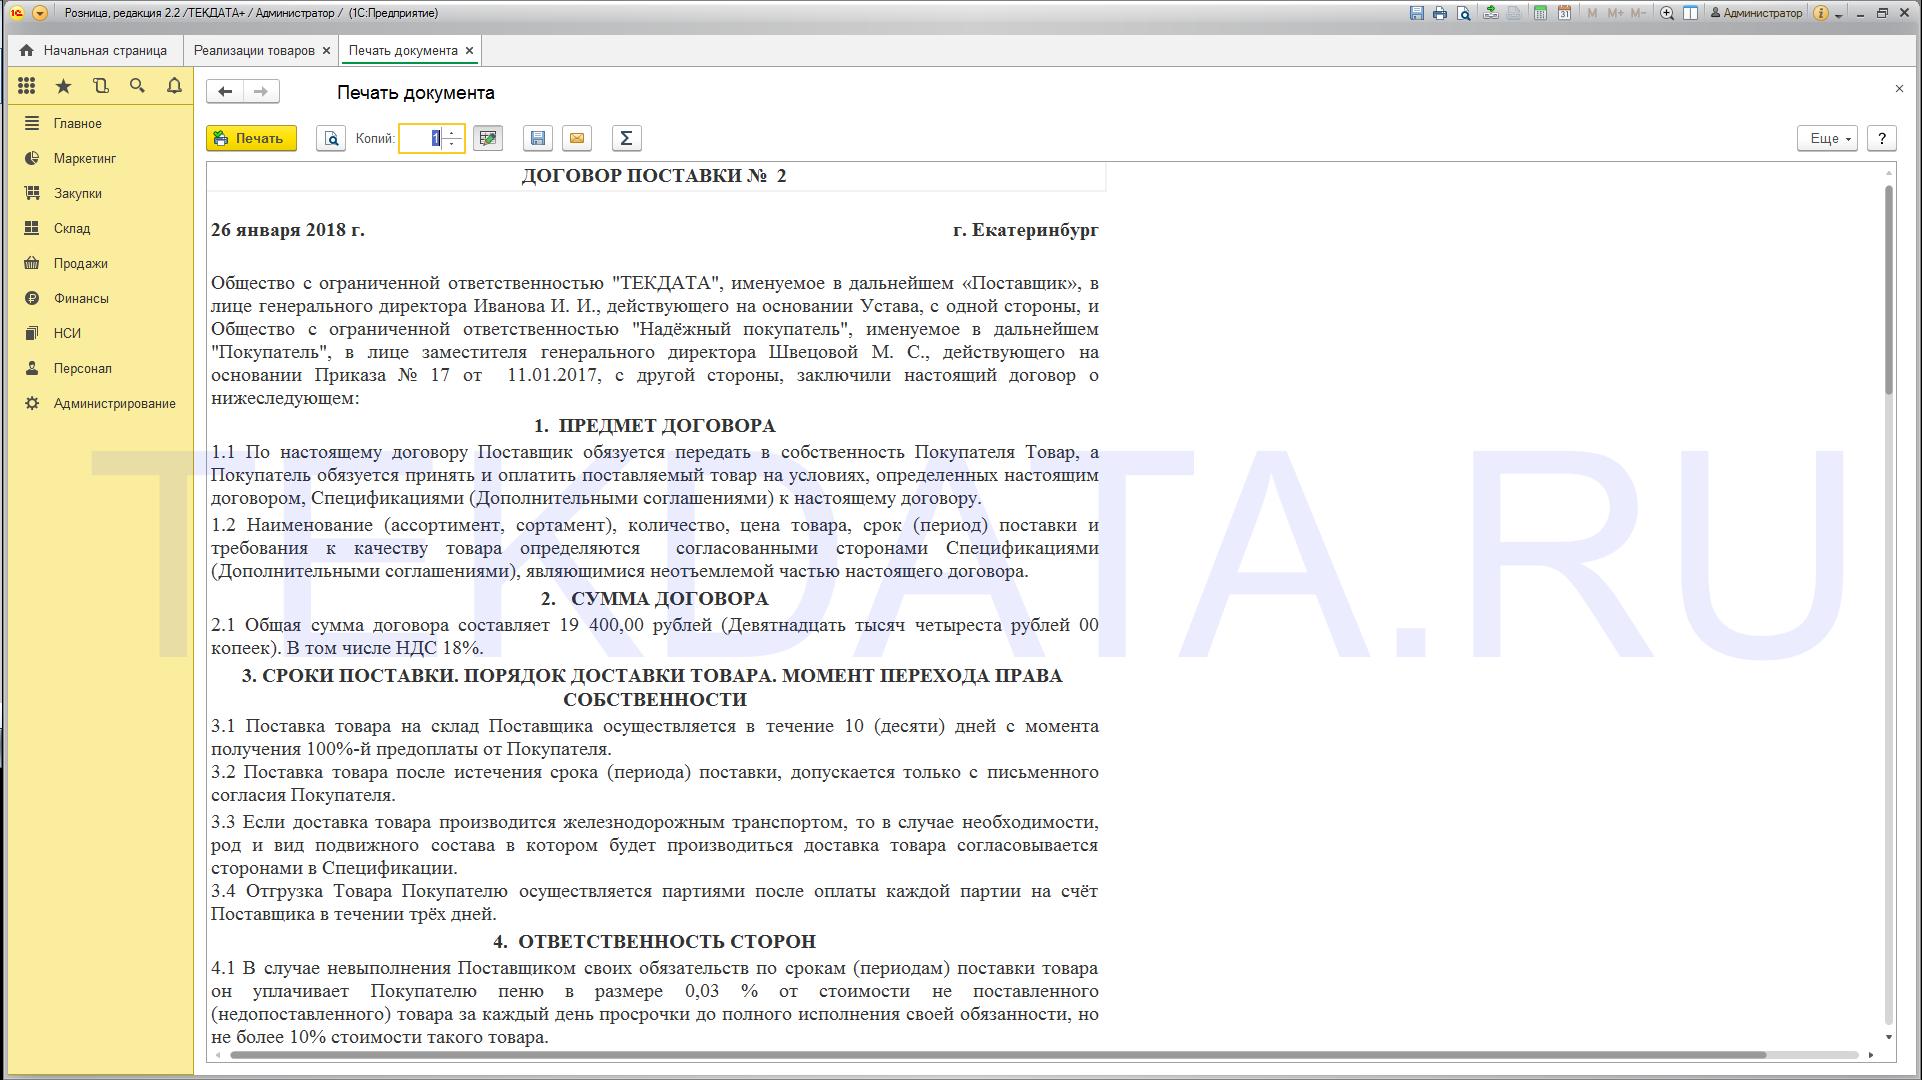 Универсальная печатная форма договора с выводом дополнительных реквизитов для 1С:Розница 2.2